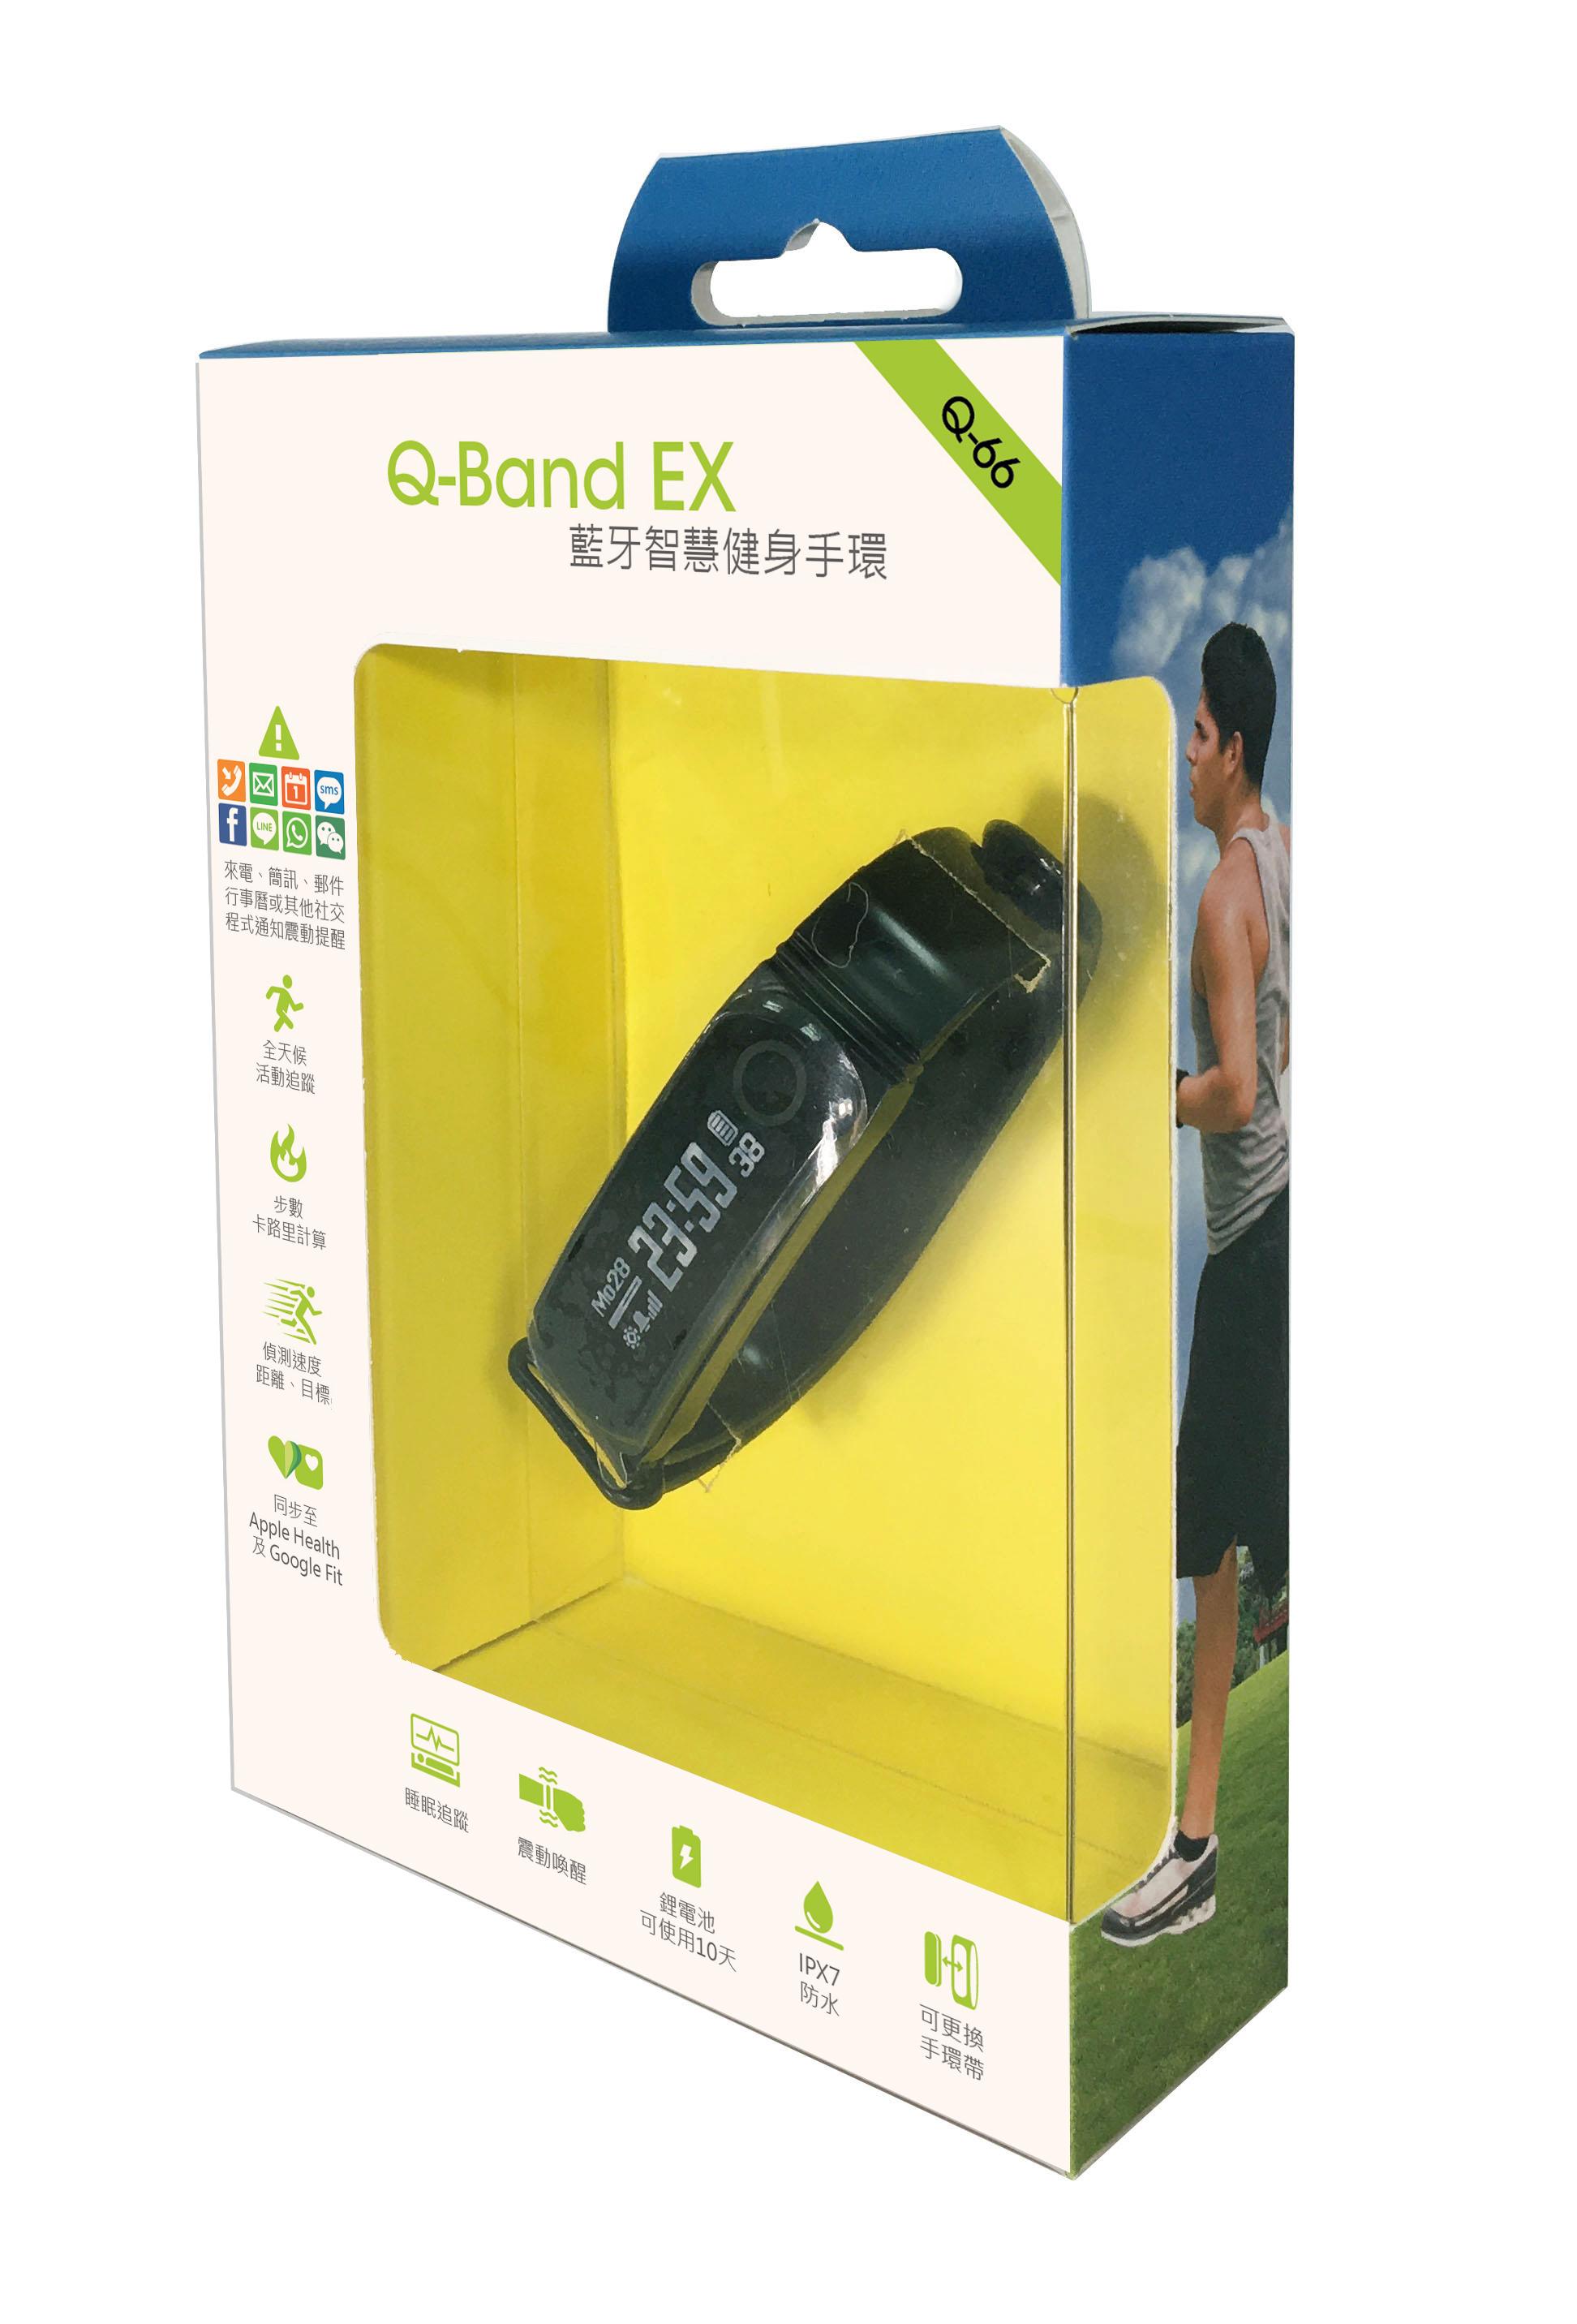 性用品可穿戴_i-gotU Q-Band EX 藍牙智慧健身手環 Q66 Q-66 (非HR心率款)